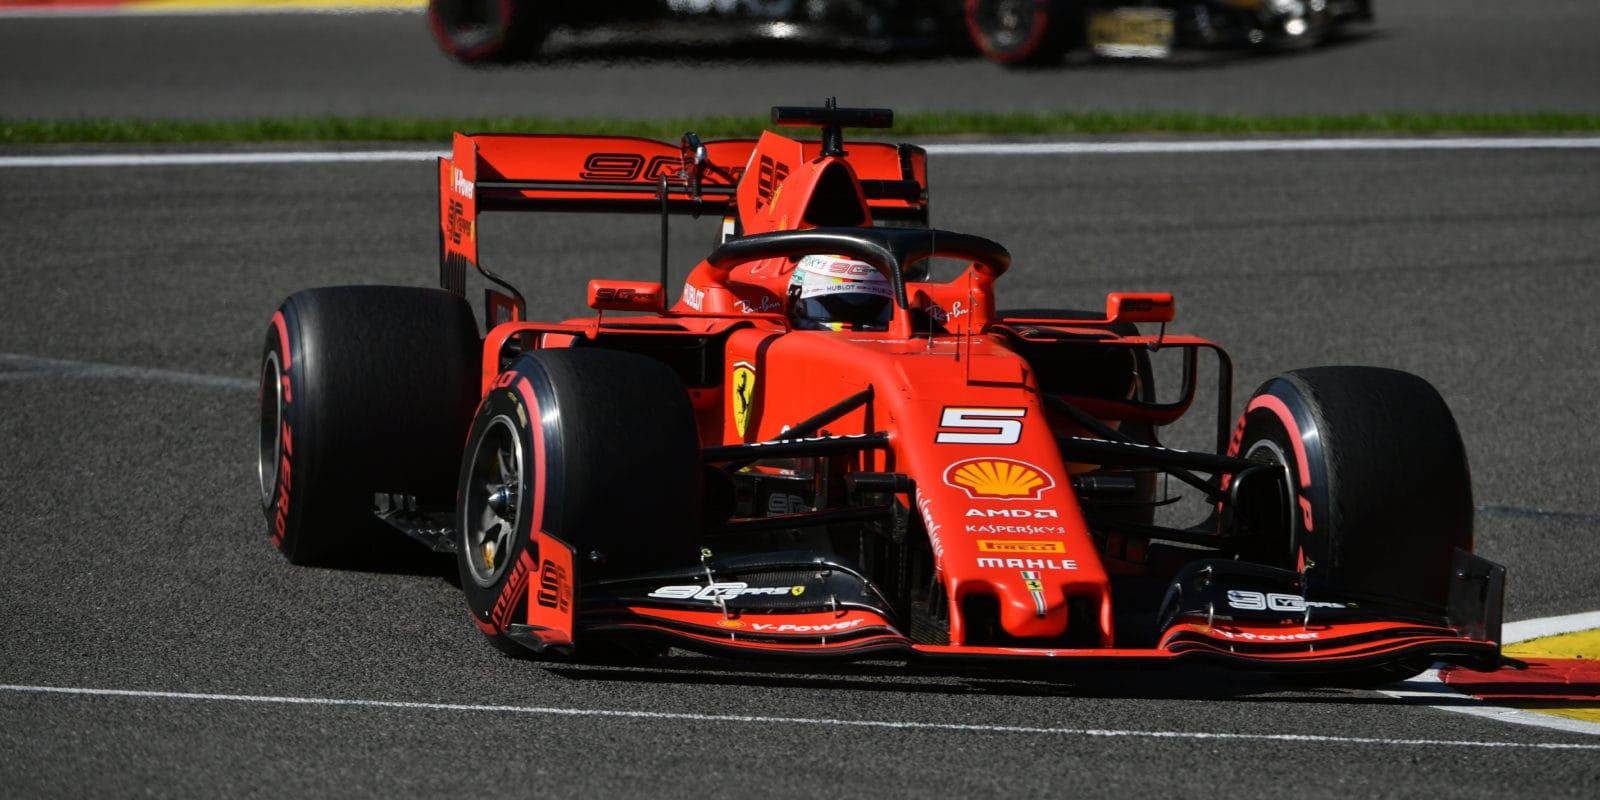 Třetí trénink v Monze těsně ovládl Vettel